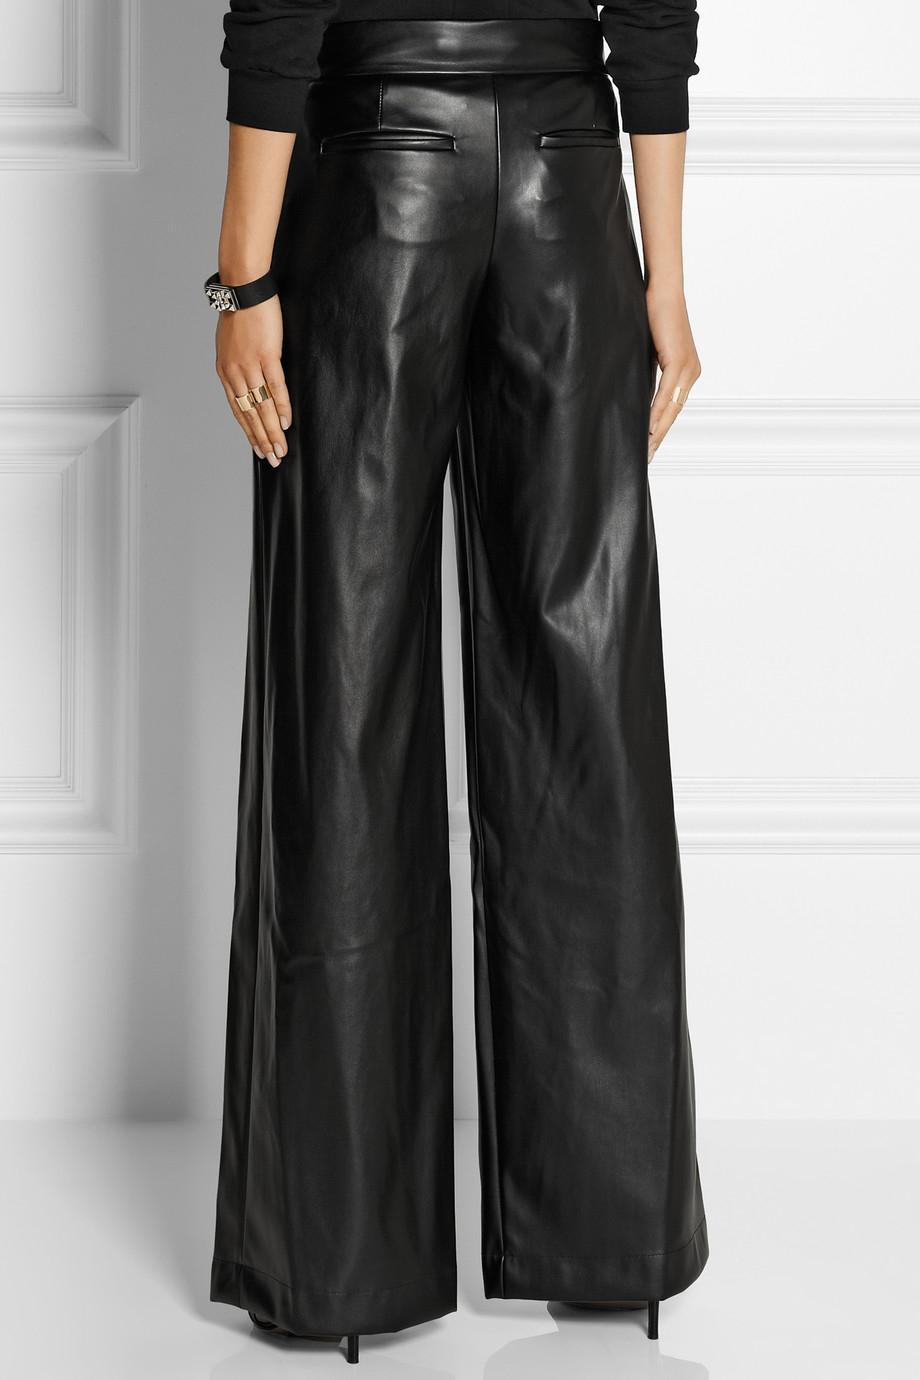 Lyst Dkny Faux Leather Wide Leg Pants In Black